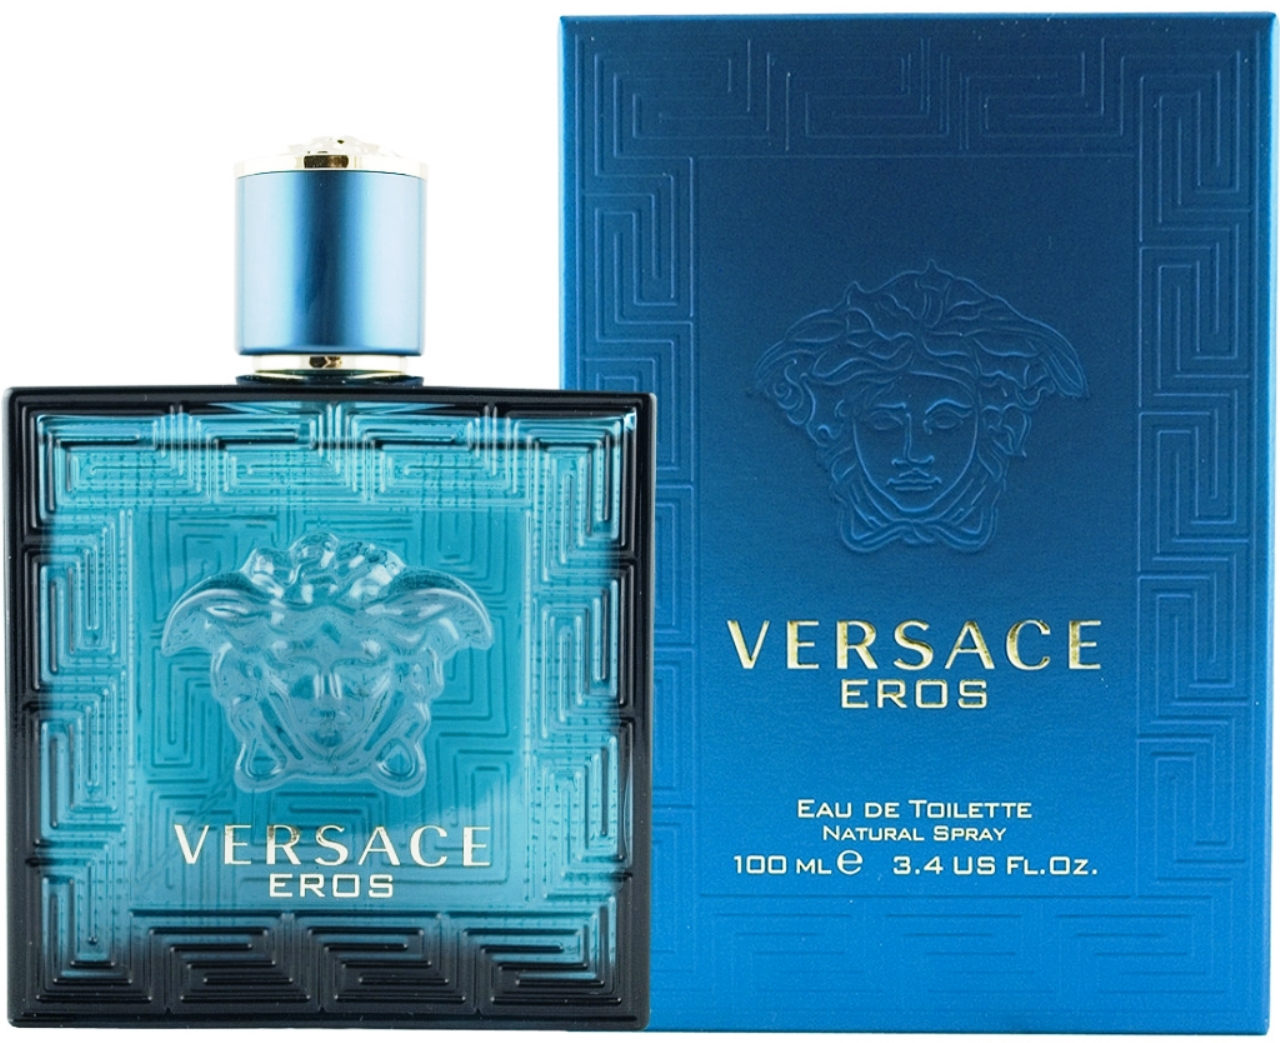 Versace Eros Edt 100 Ml Be Codd